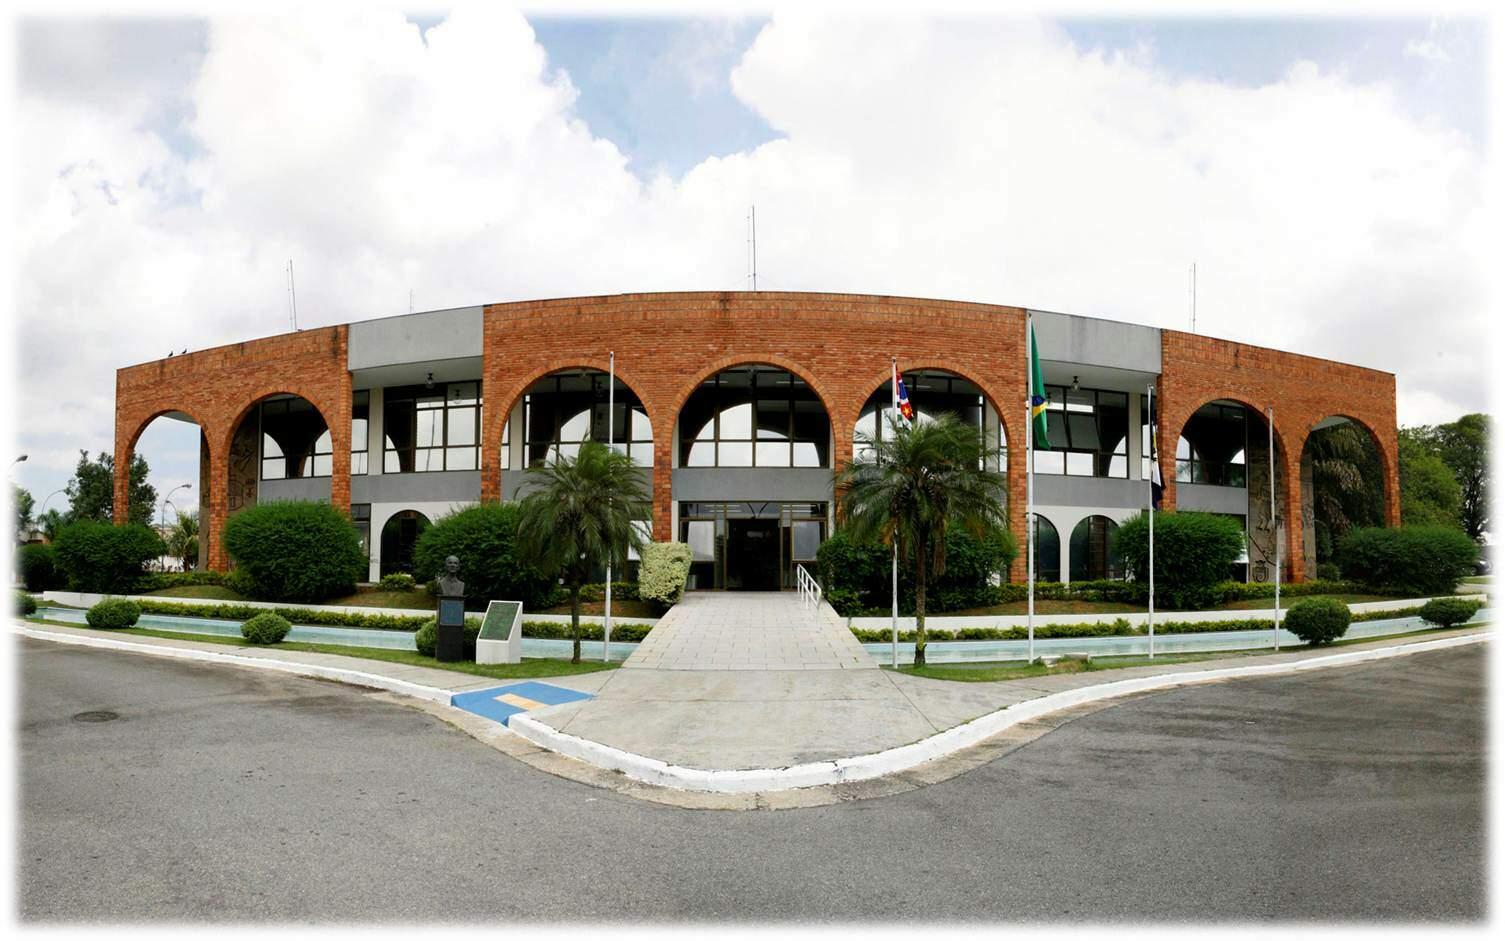 Foto Gabinete do Prefeito de São Caetano